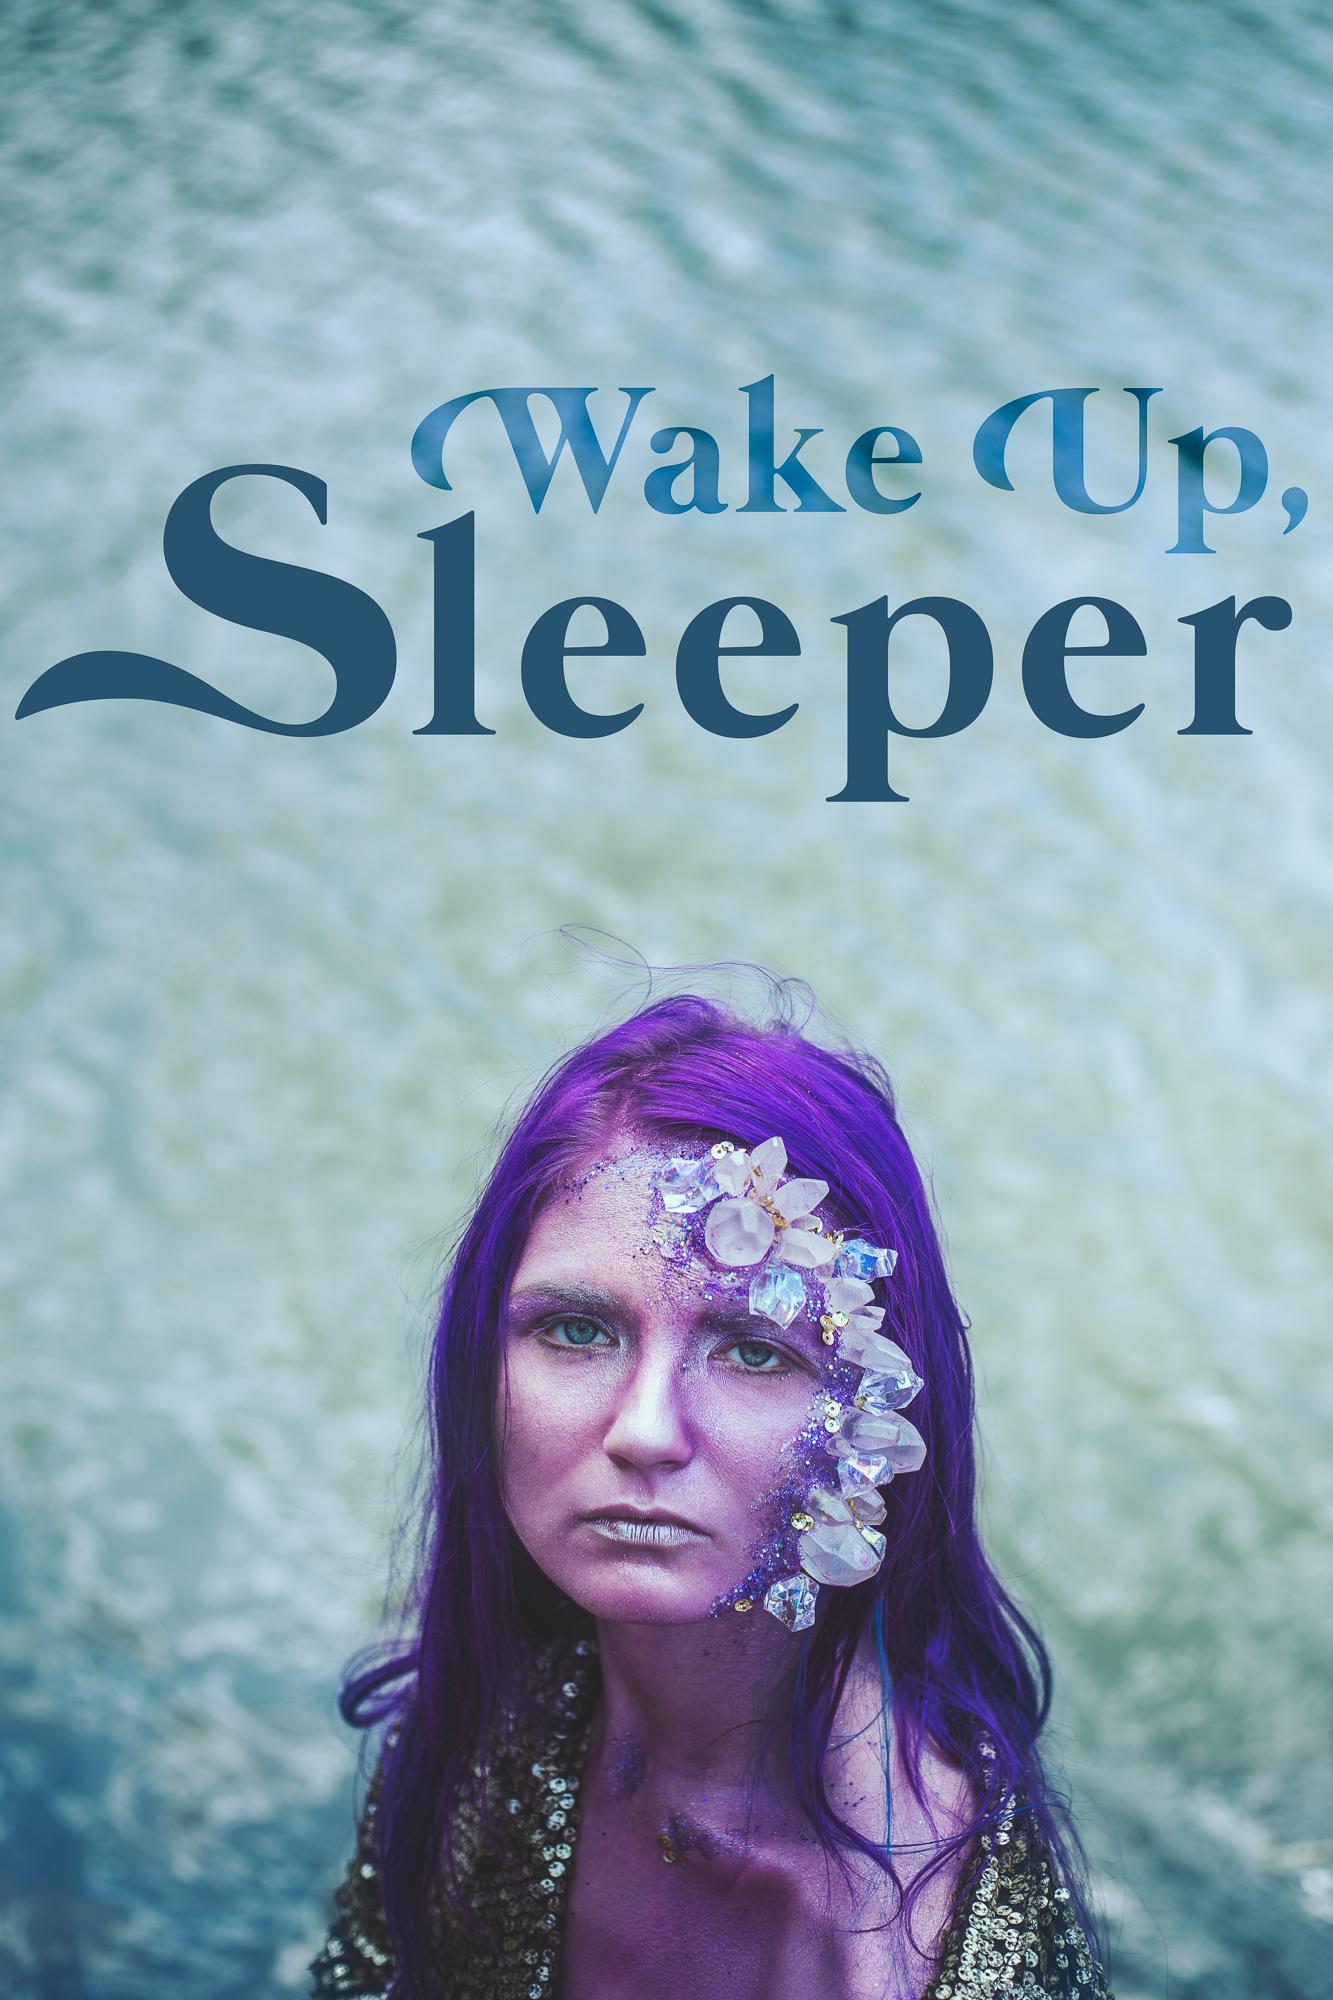 Wake Up, Sleeper